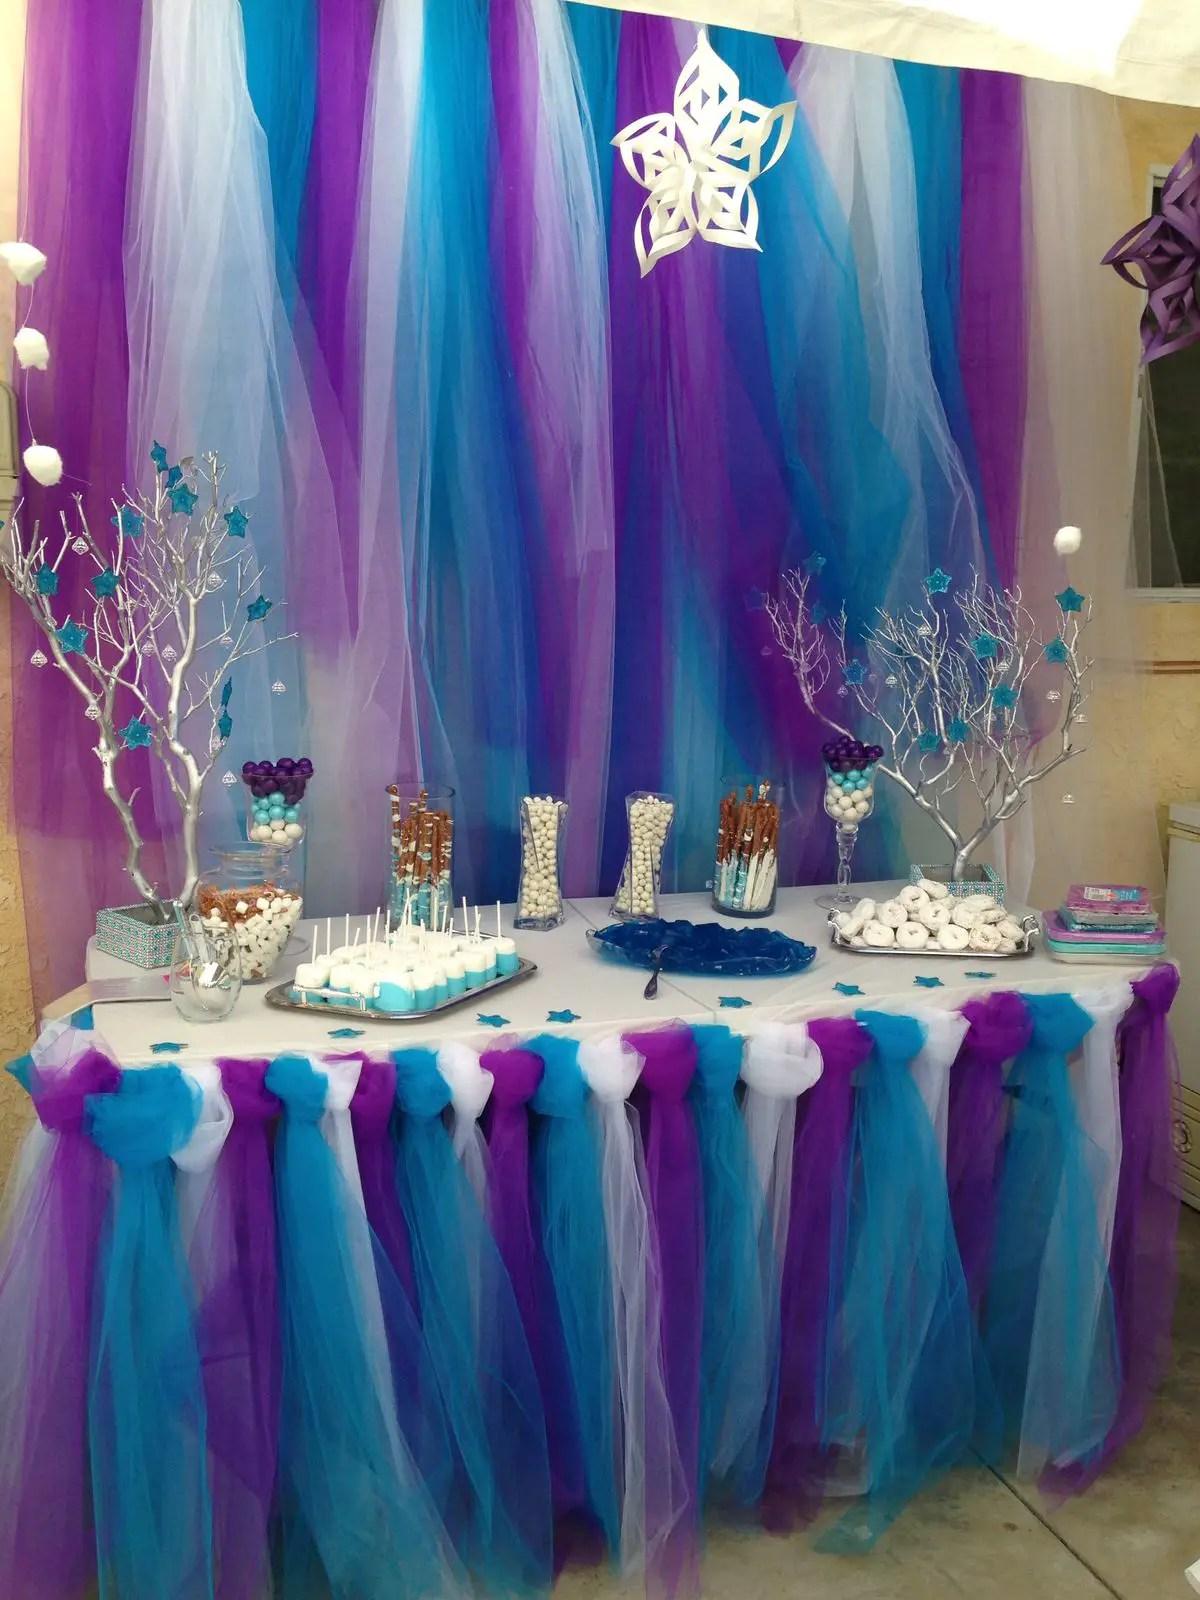 Usa tul para decorar tus fiestas dale detalles - Decoracion fiestas cumpleanos ...